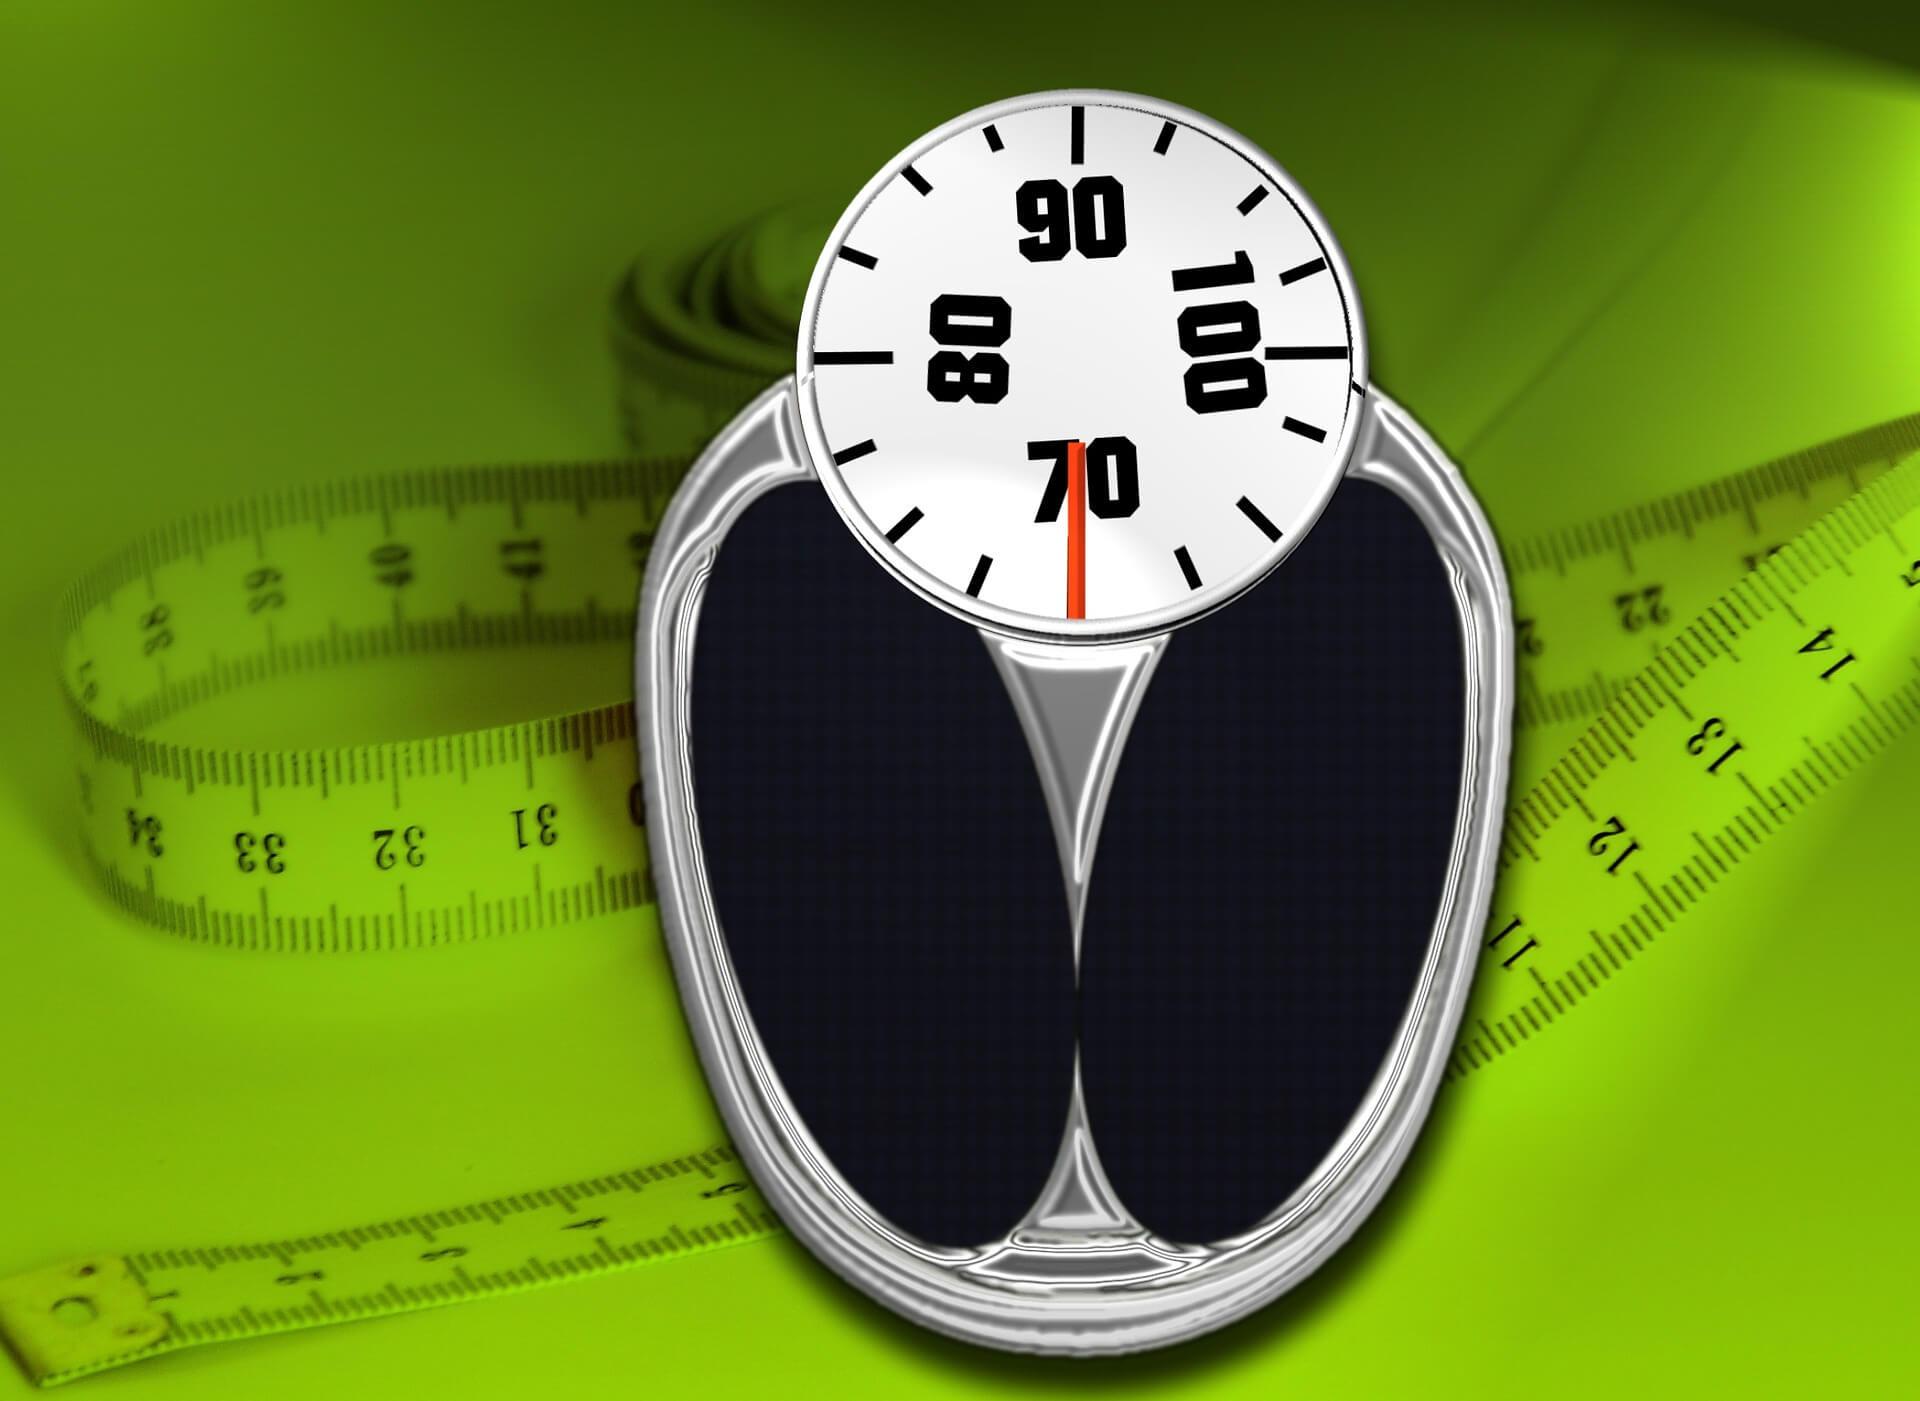 7 einfache Übungen, um in 30 Tagen Gewicht zu verlieren